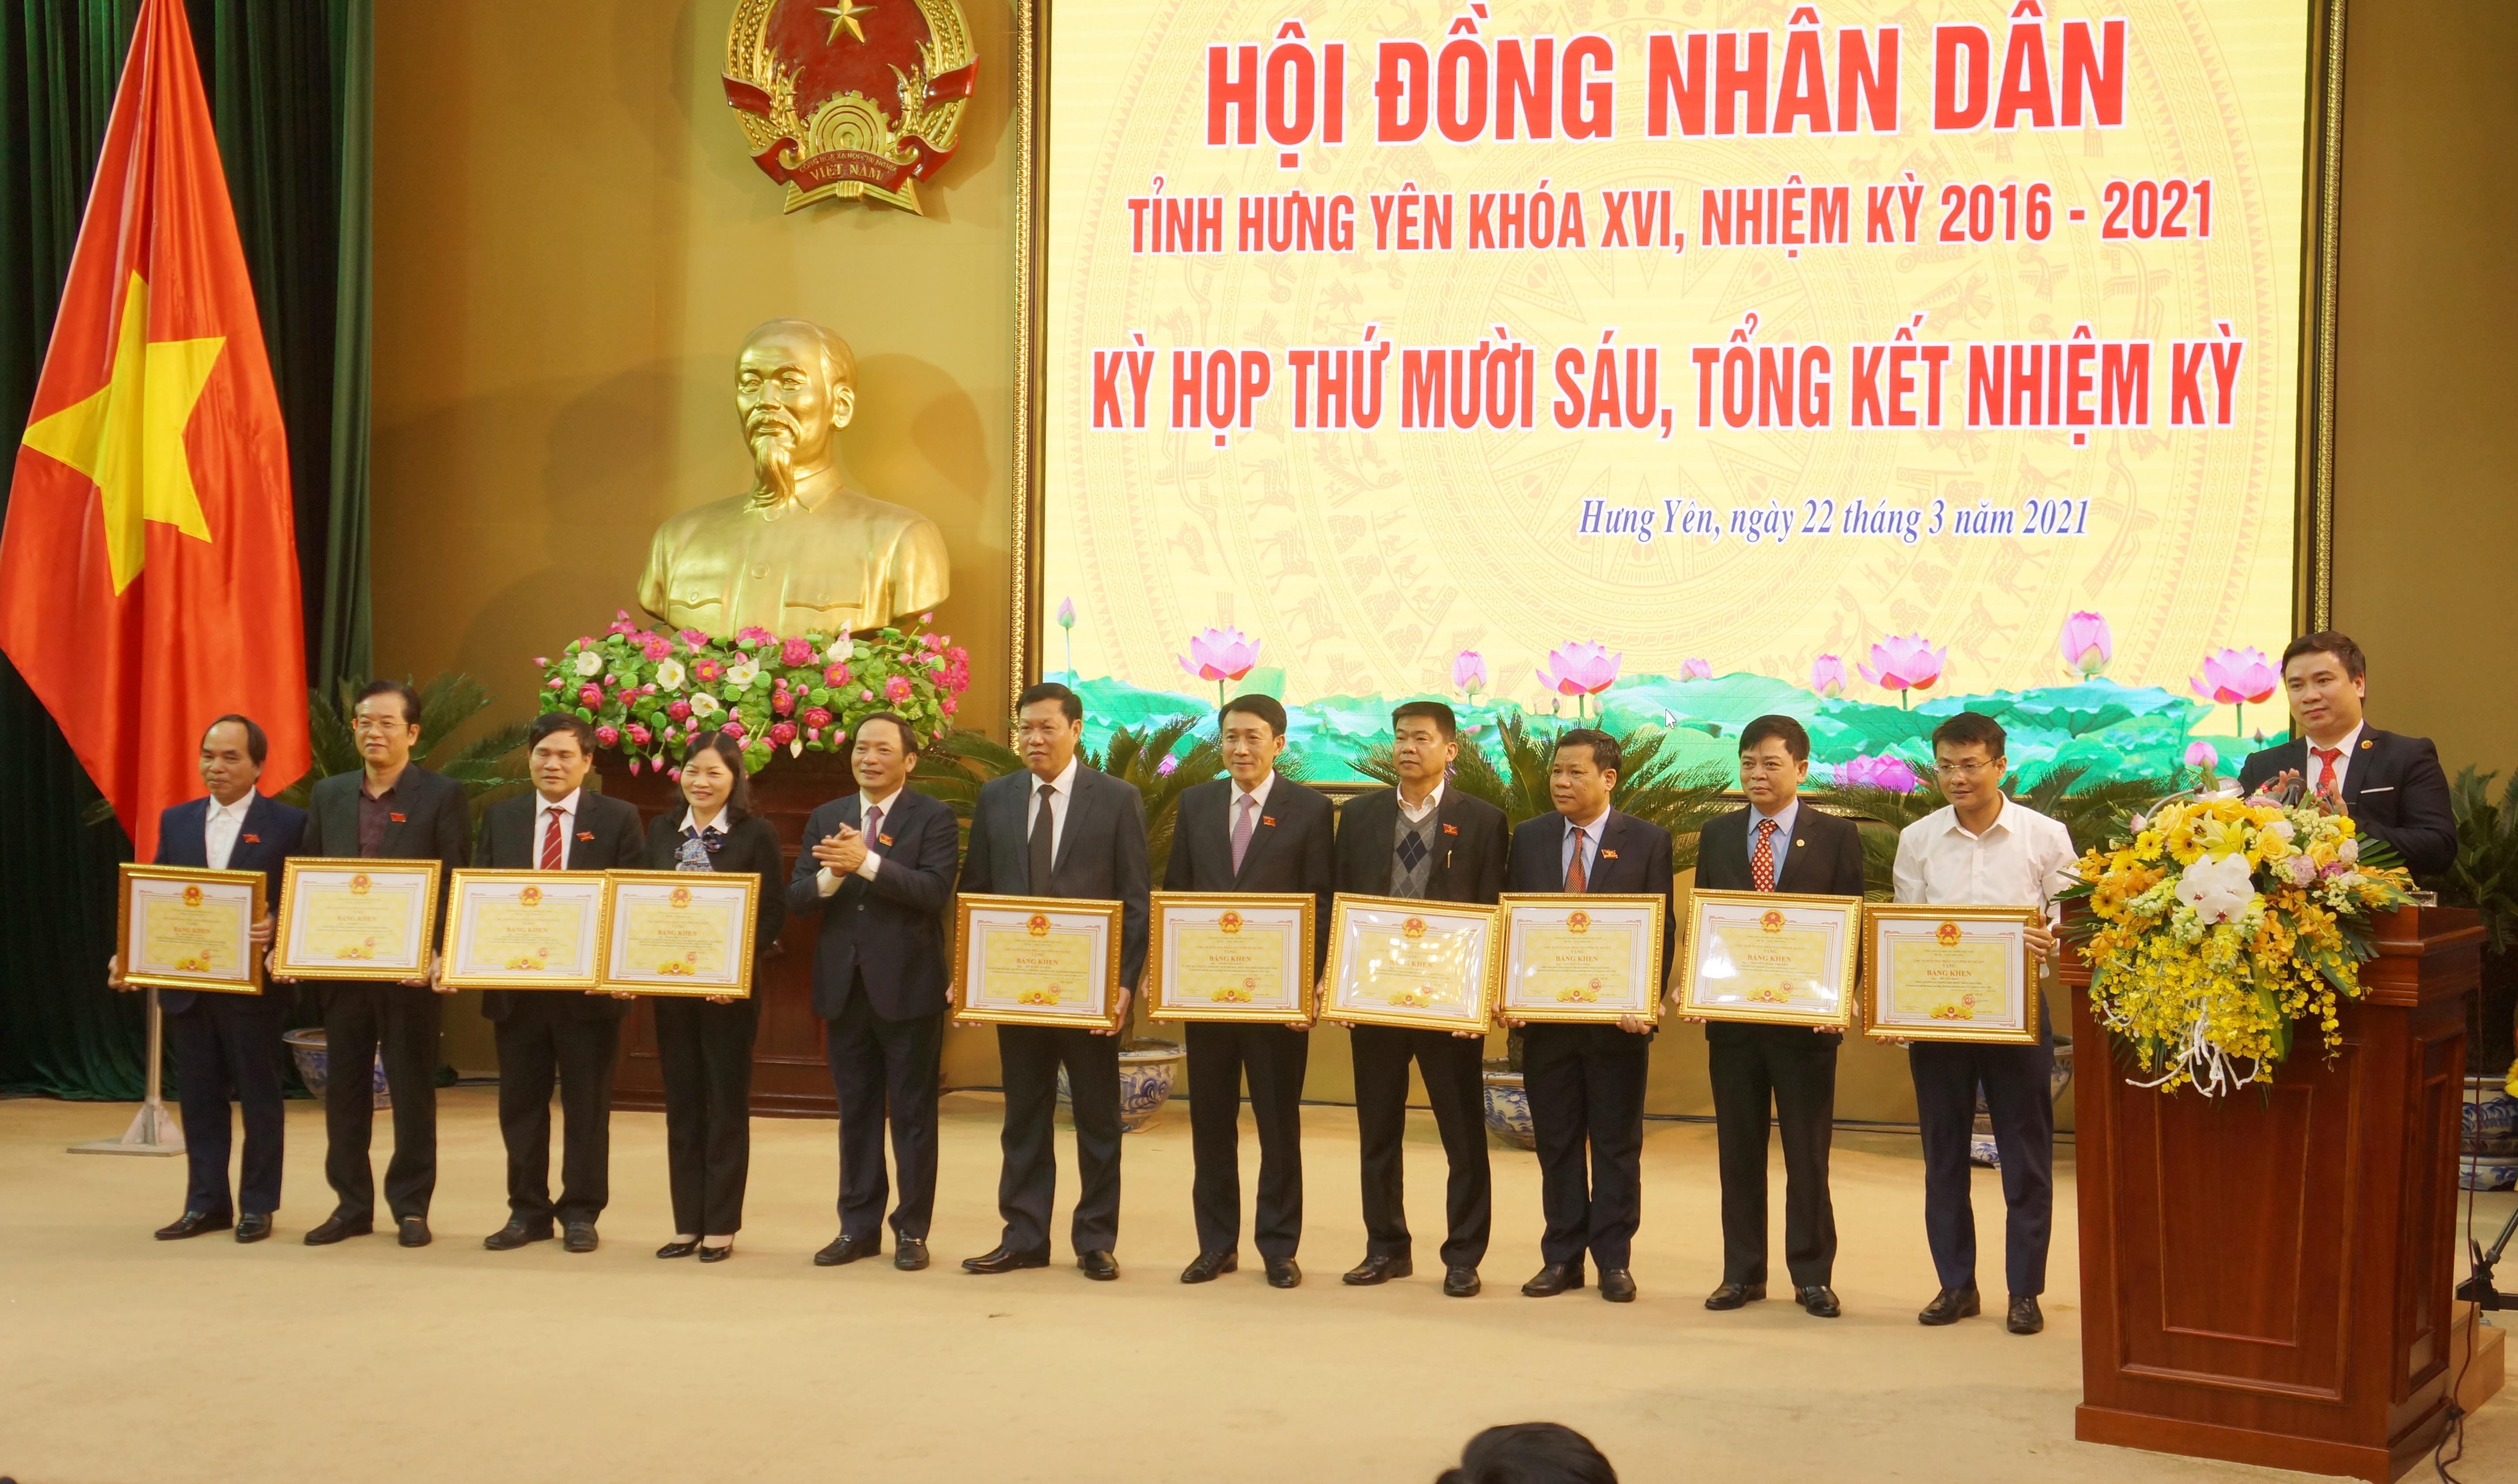 Chủ tịch UBND tỉnh Trần Quốc Văn trao tặng Bằng khen của Chủ tịch Ủy ban nhân dân tỉnh cho 10 cá nhân có thành tích xuất sắc trong hoạt động của Hội đồng nhân dân tỉnh khóa XVI, nhiệm kỳ 2016-2021.